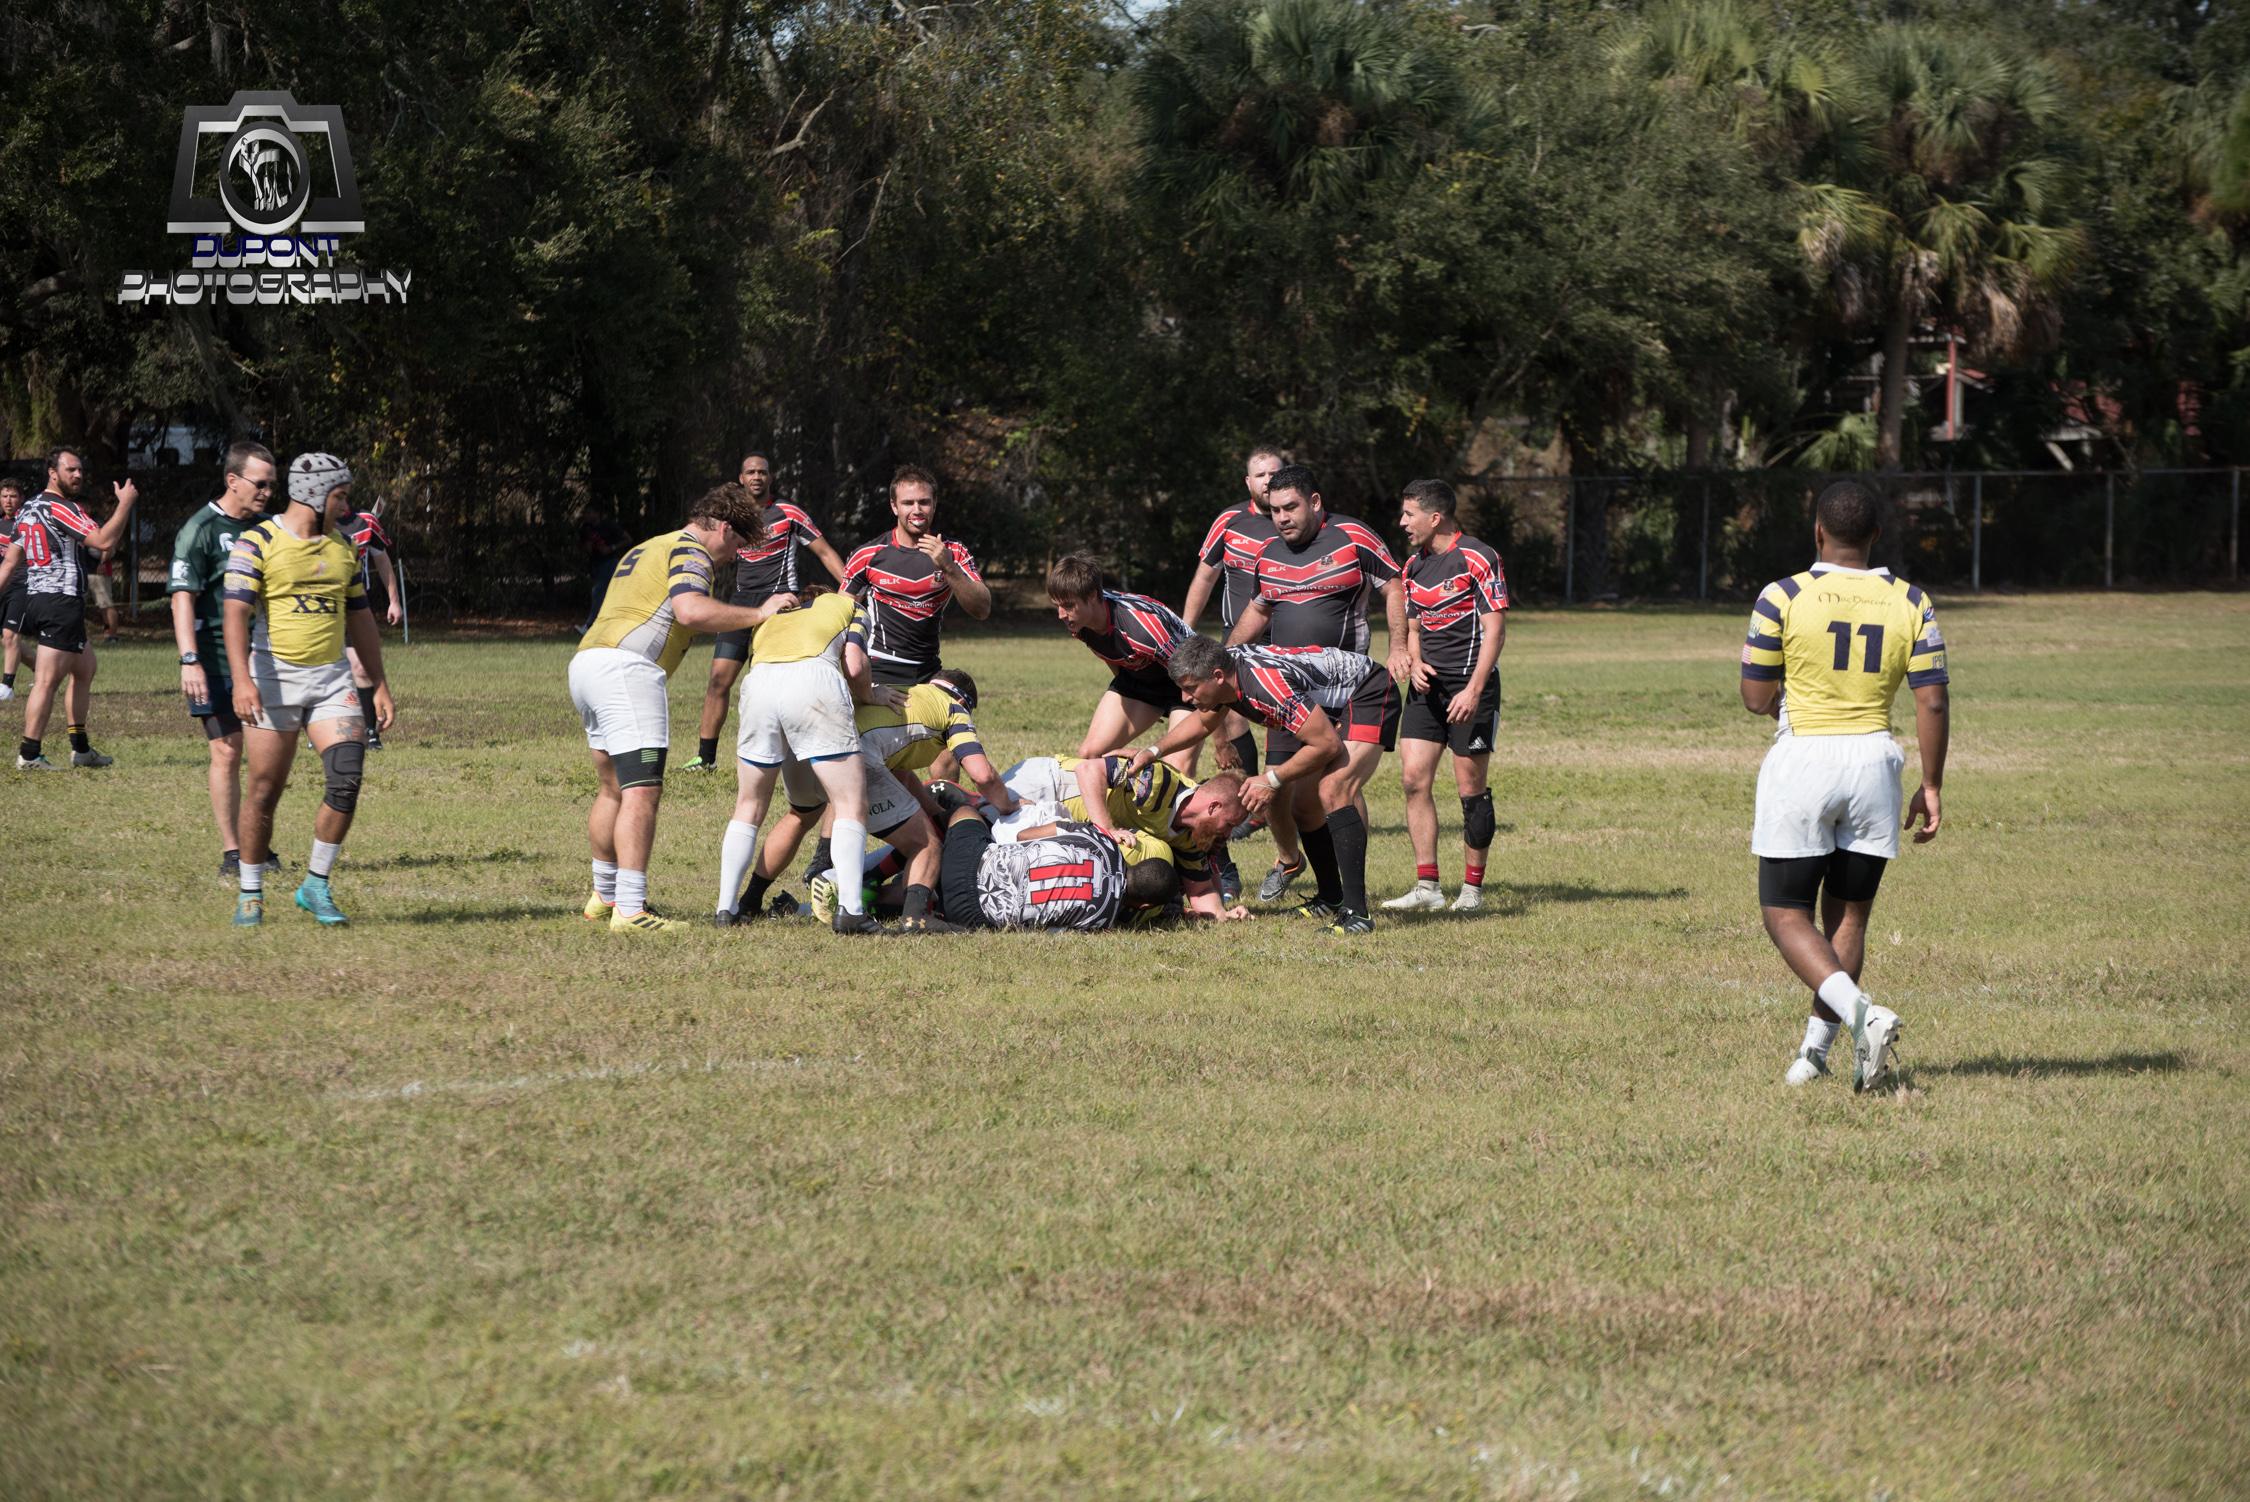 2019-01-19 Rugby-509-11.jpg